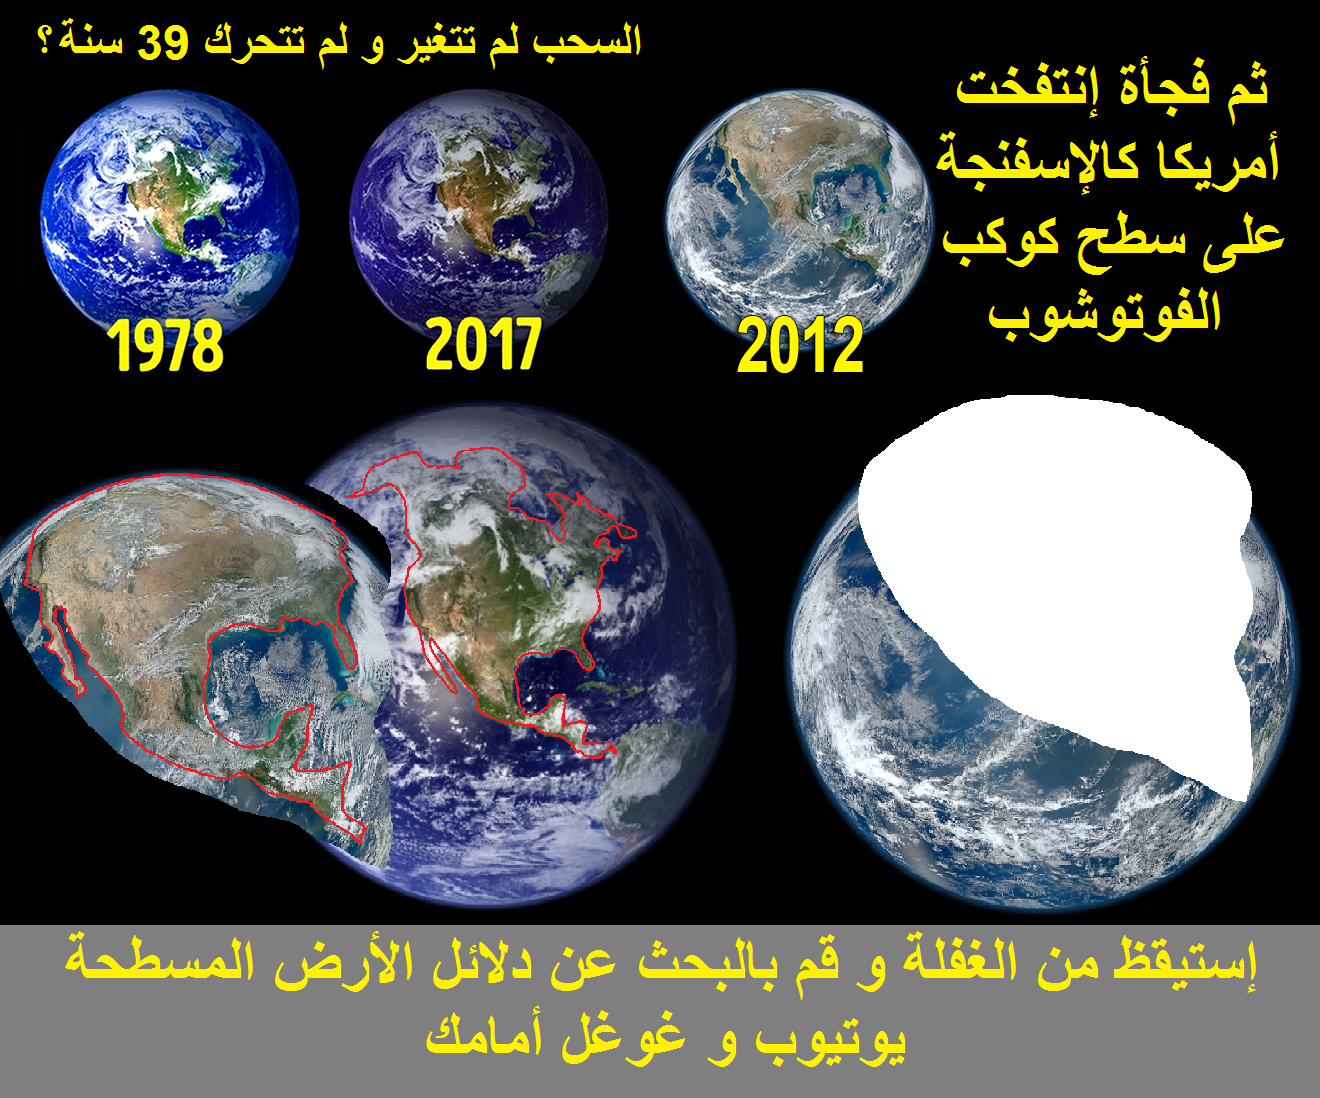 الأرض مسطحة الأرض المسطحة دلائل الأرض المسطحة Flat Earth Earth Is Flat Bowl Tableware